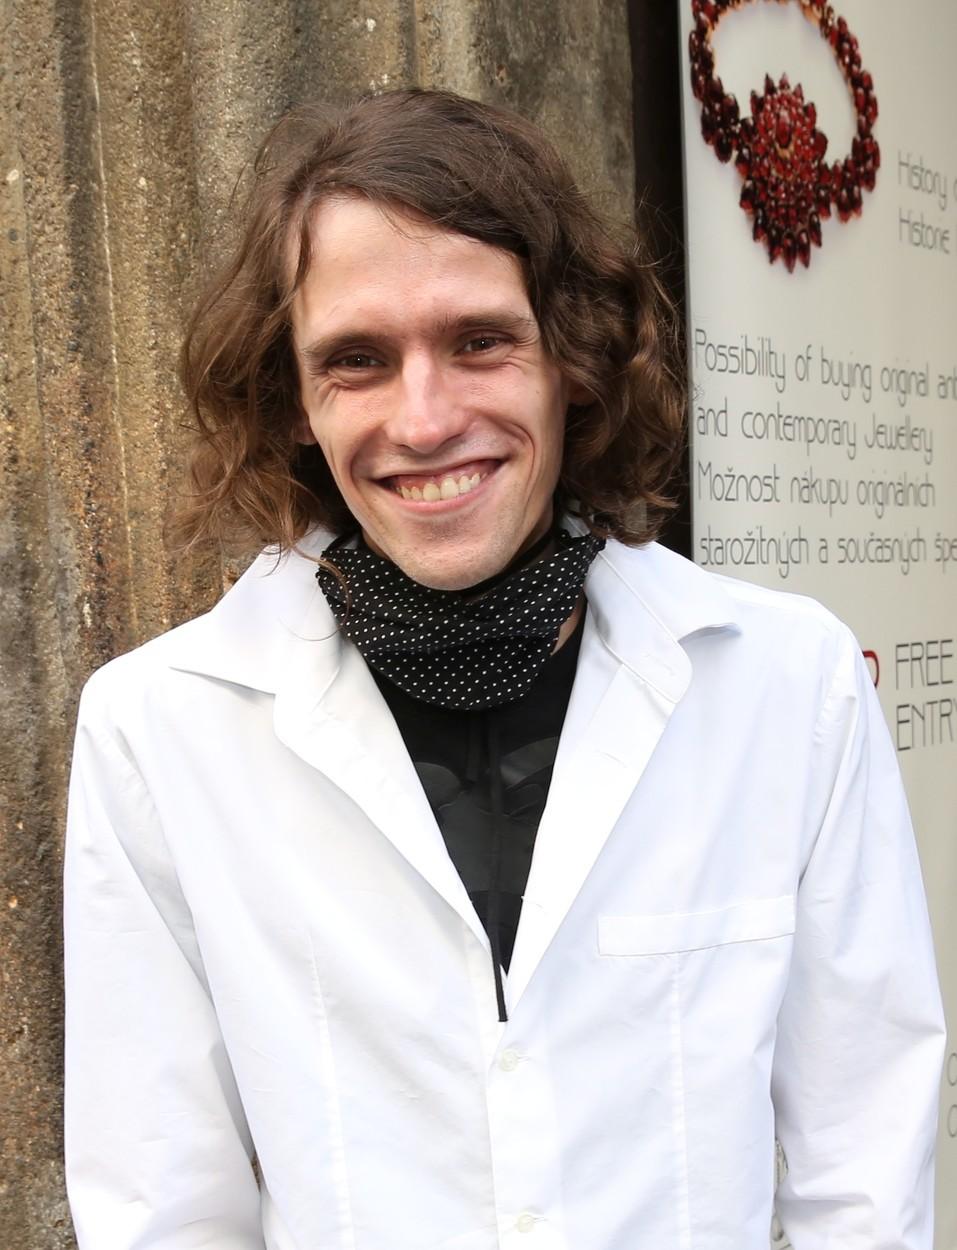 Filip Kratochvíl přišel podpořit svoji mámu Lucii Bílou při otevření jejího nového divadla.